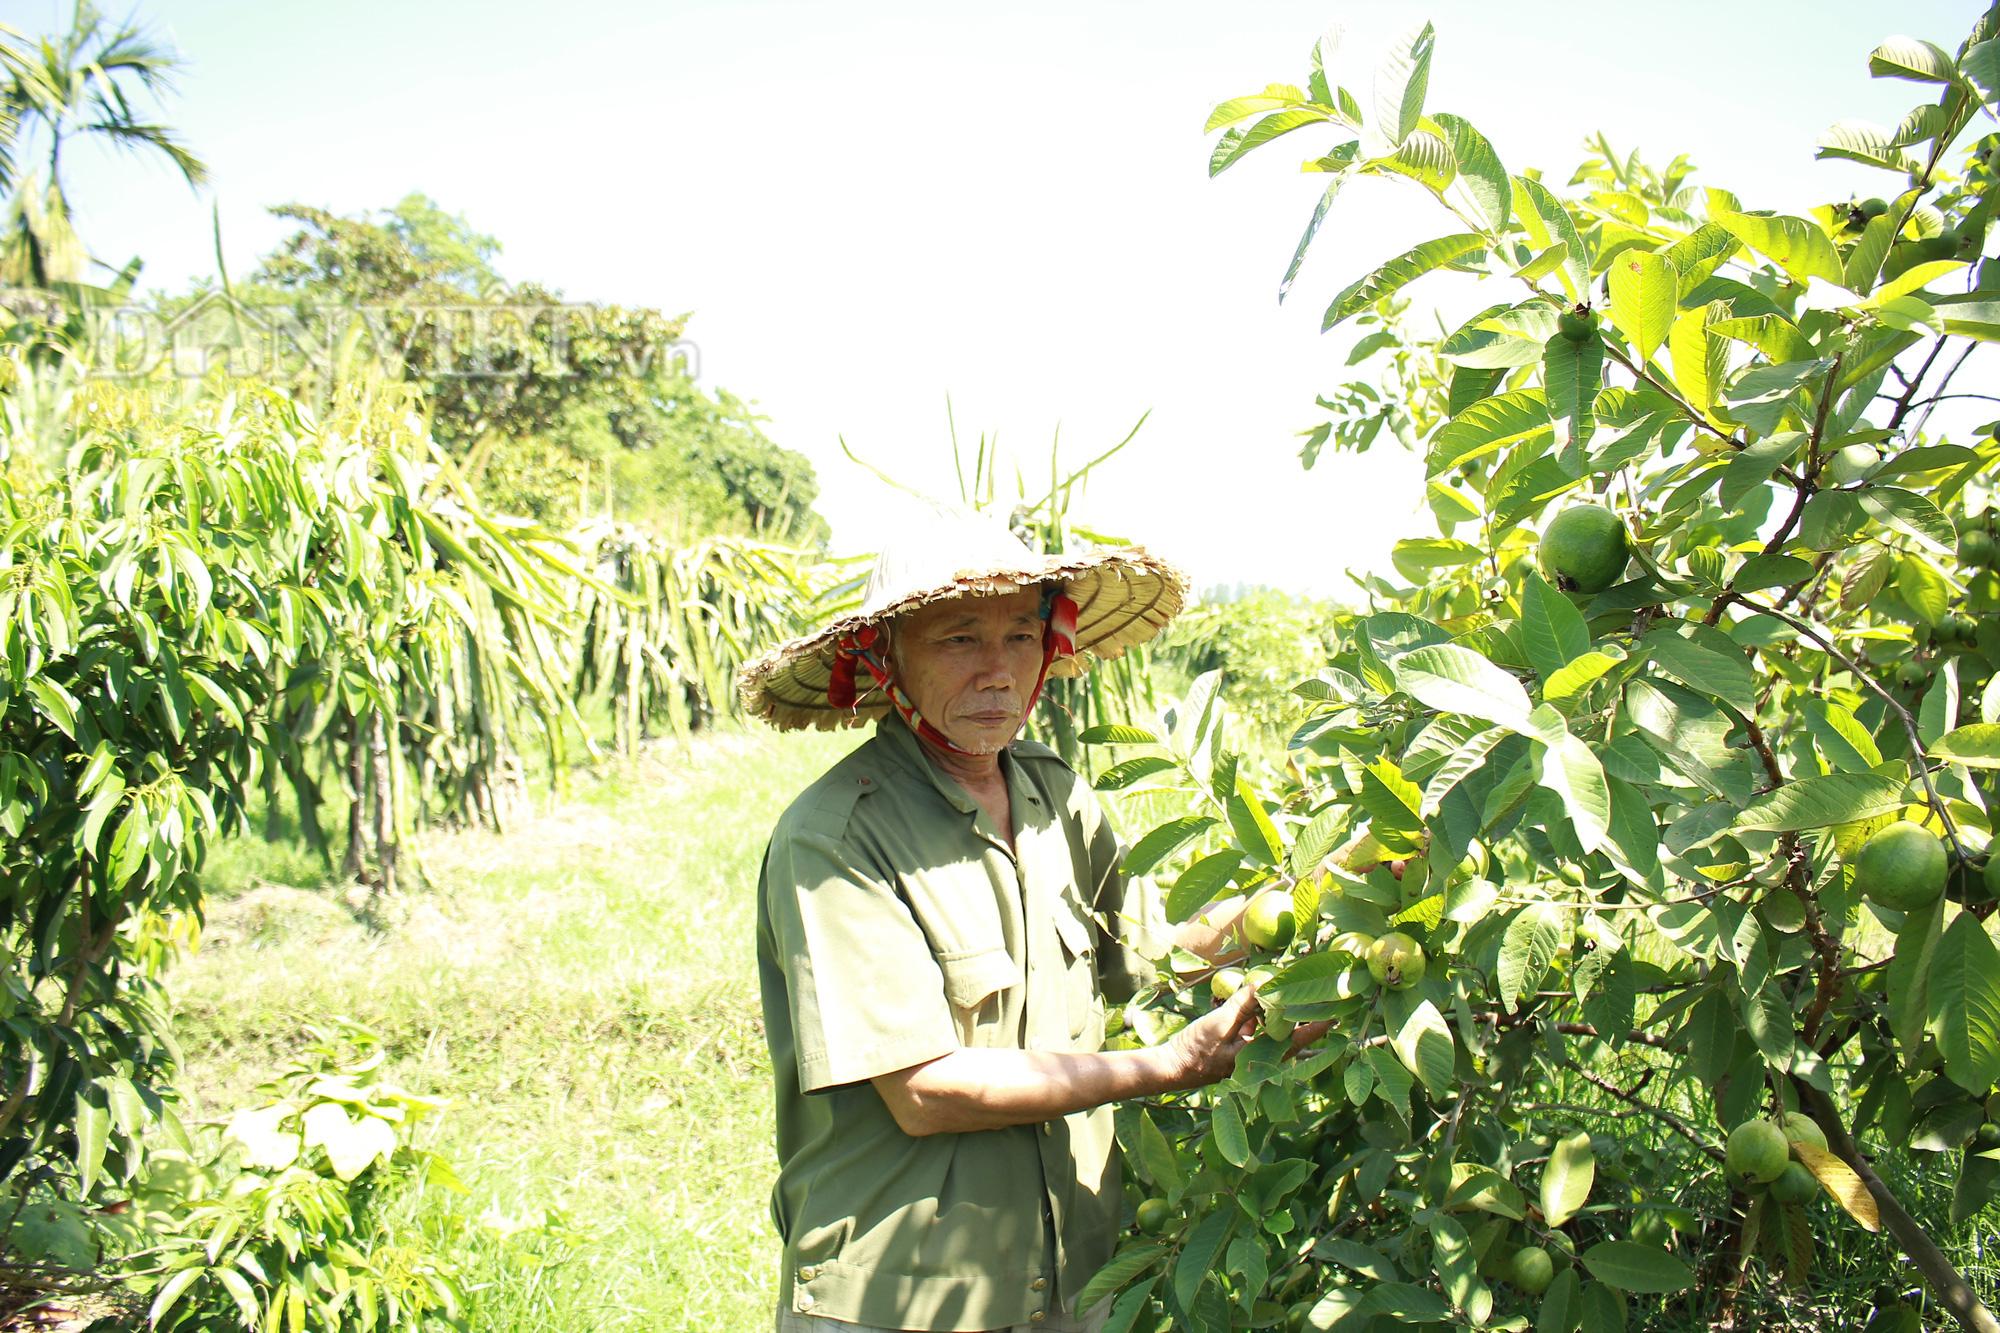 """Nghệ An: """"Lão gàn"""" biến đất sỏi đá thành vườn cây ăn quả, thu hàng trăm triệu mỗi năm - Ảnh 4."""